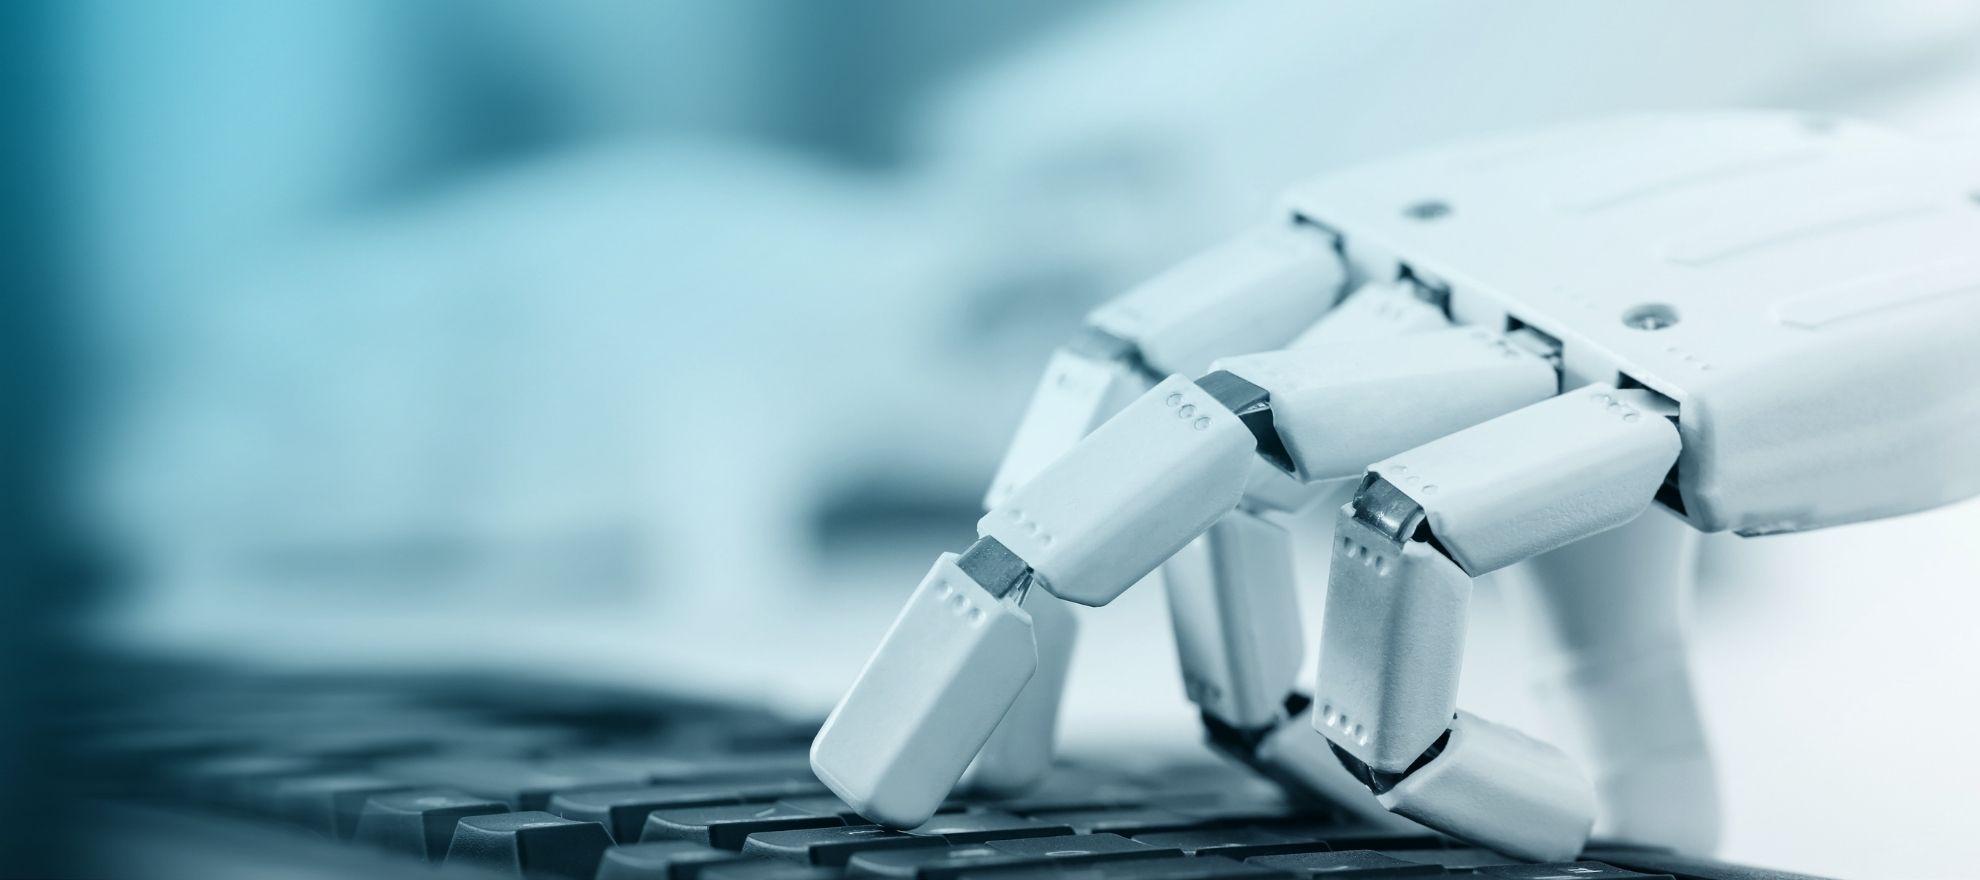 Robô para trade em criptomoedas funciona?